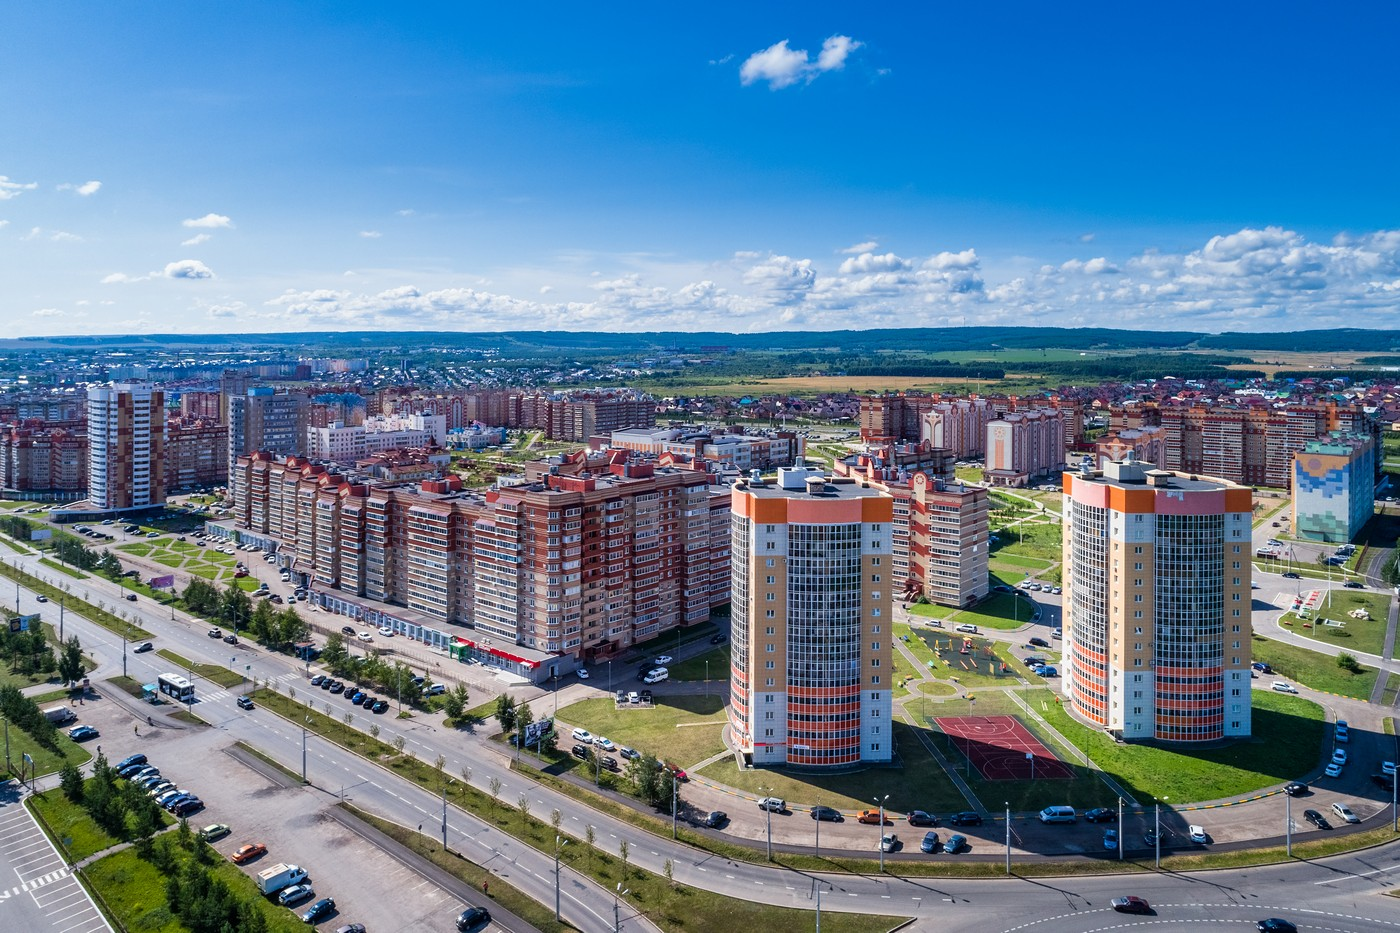 альметьевск город картинки города выбор для